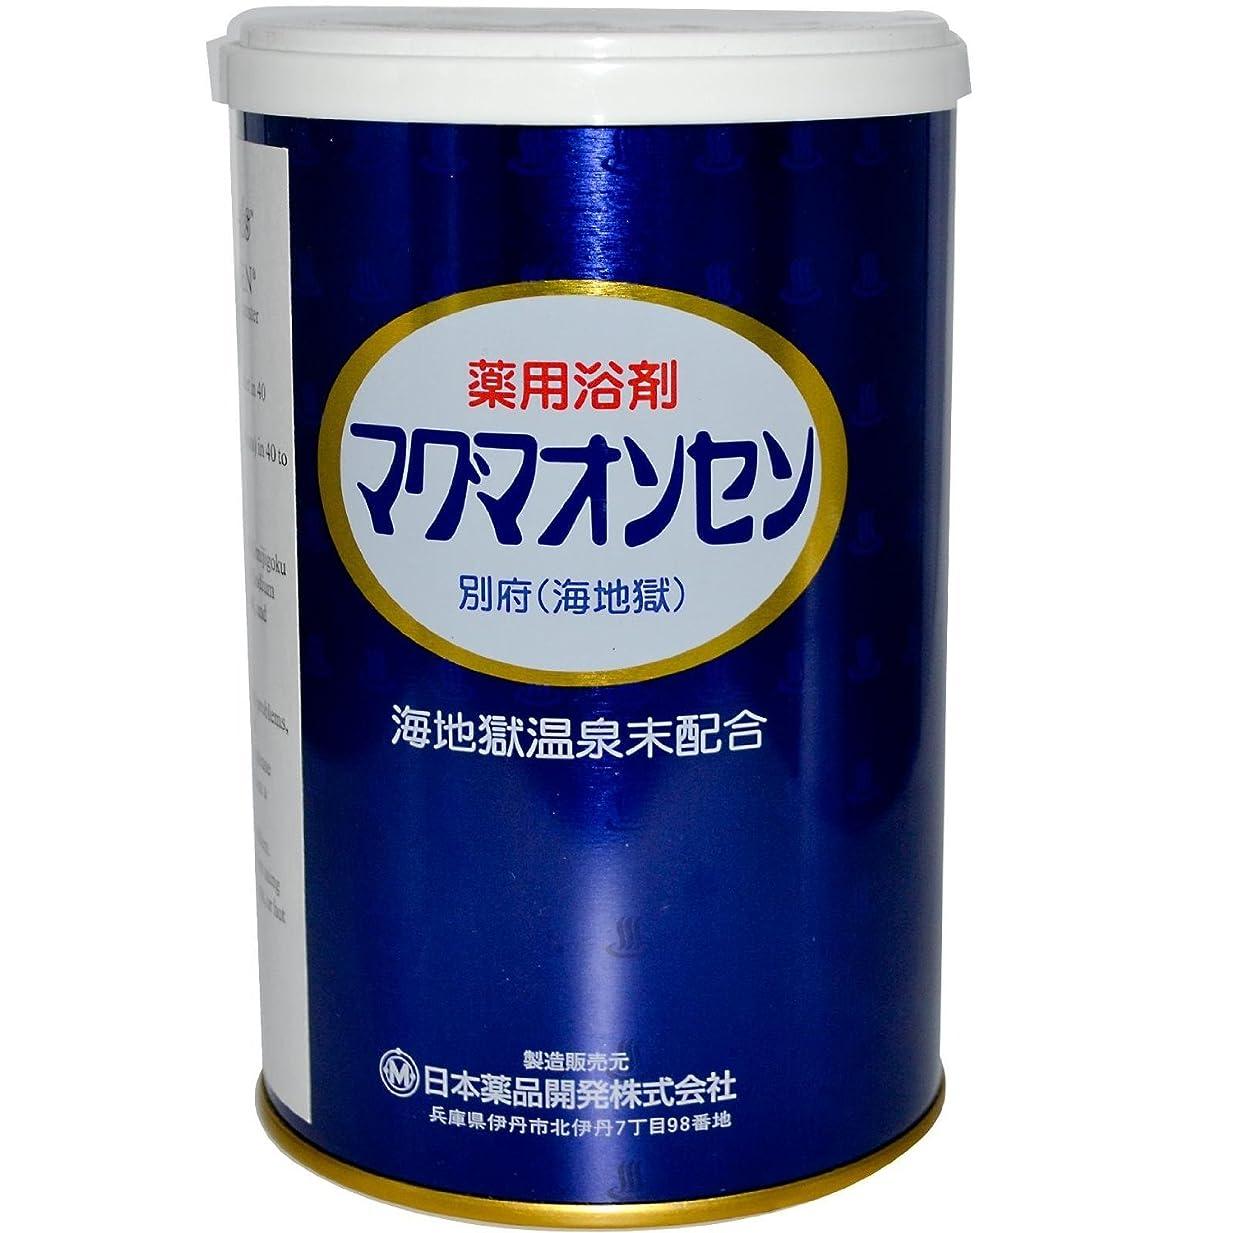 黒シャイドット薬用浴剤マグマオンセン別府(海地獄)500gx4個